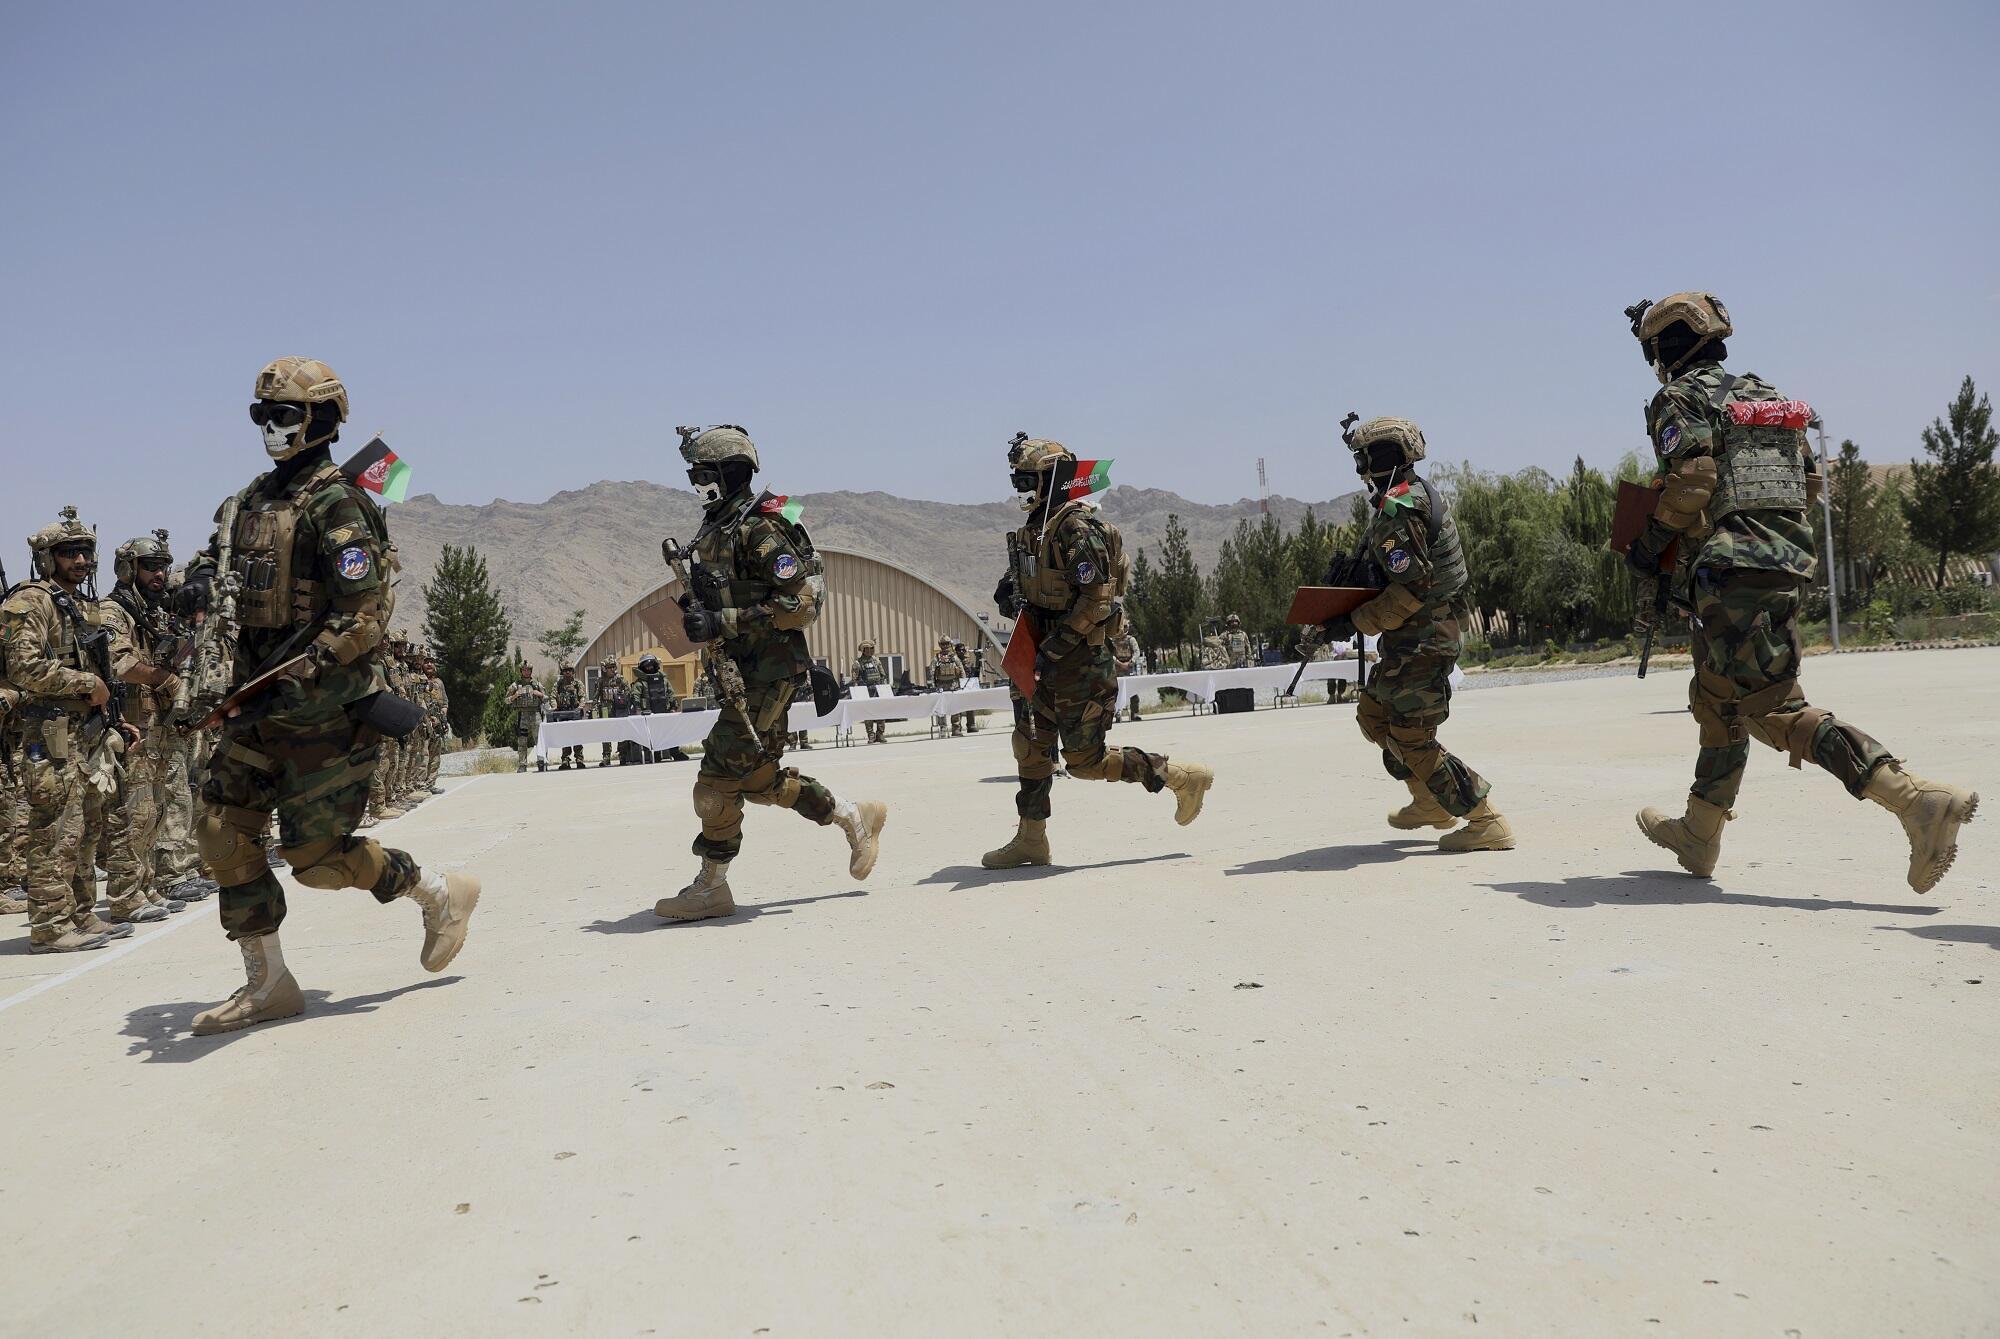 Afganistan fuerzas especiales